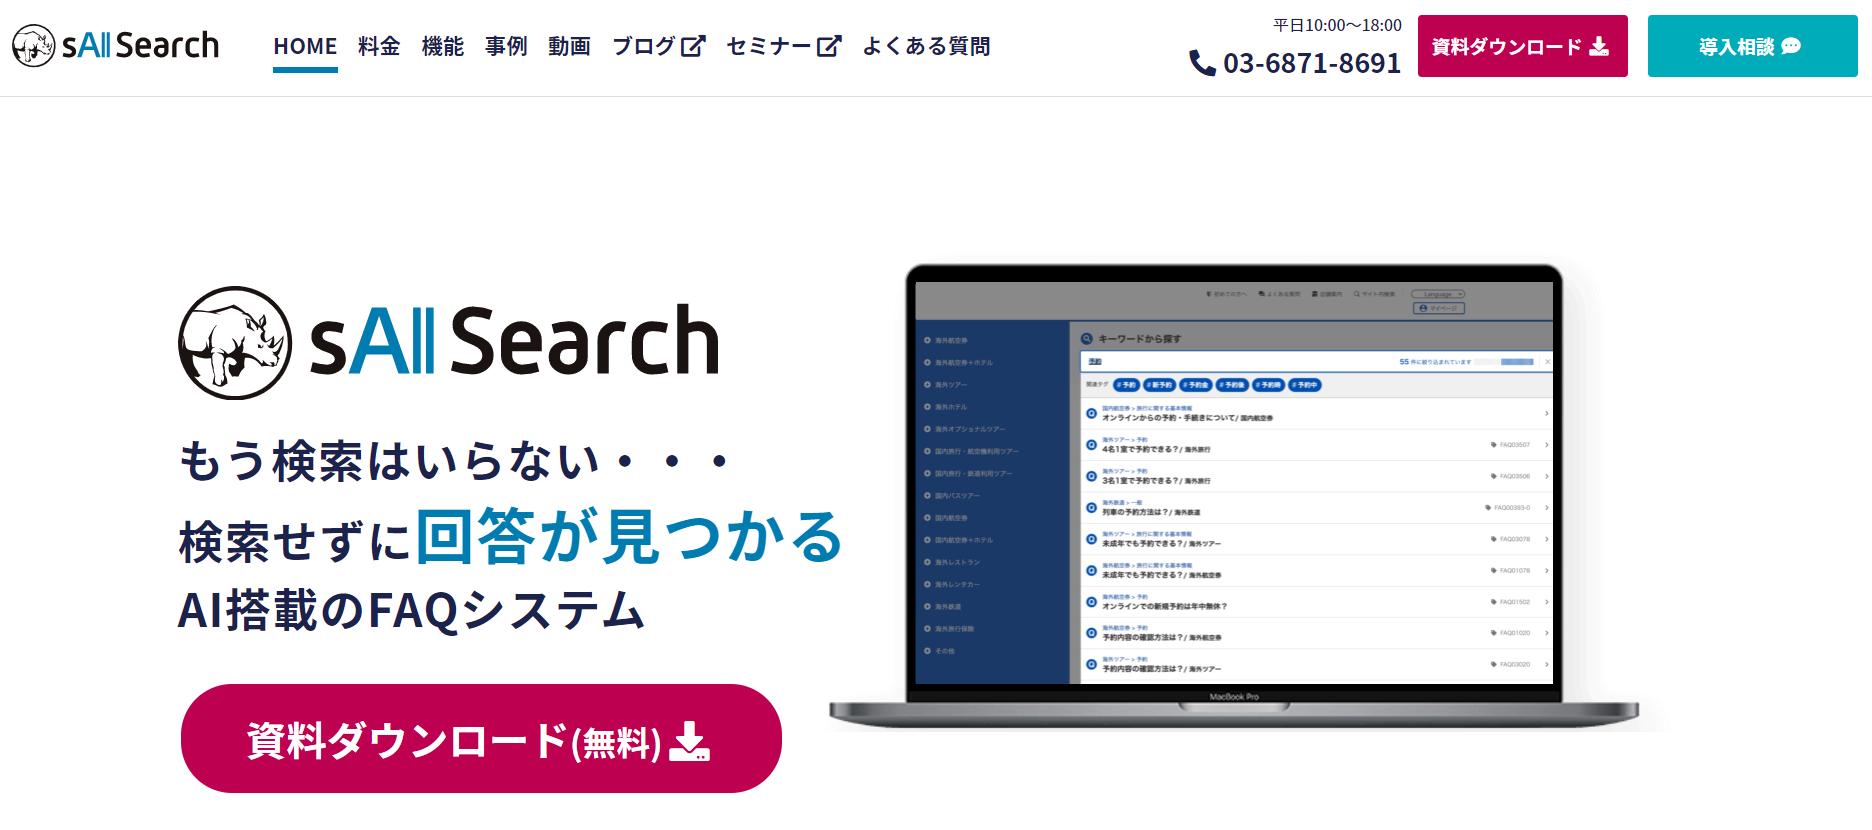 FAQツール5「sAI Search」